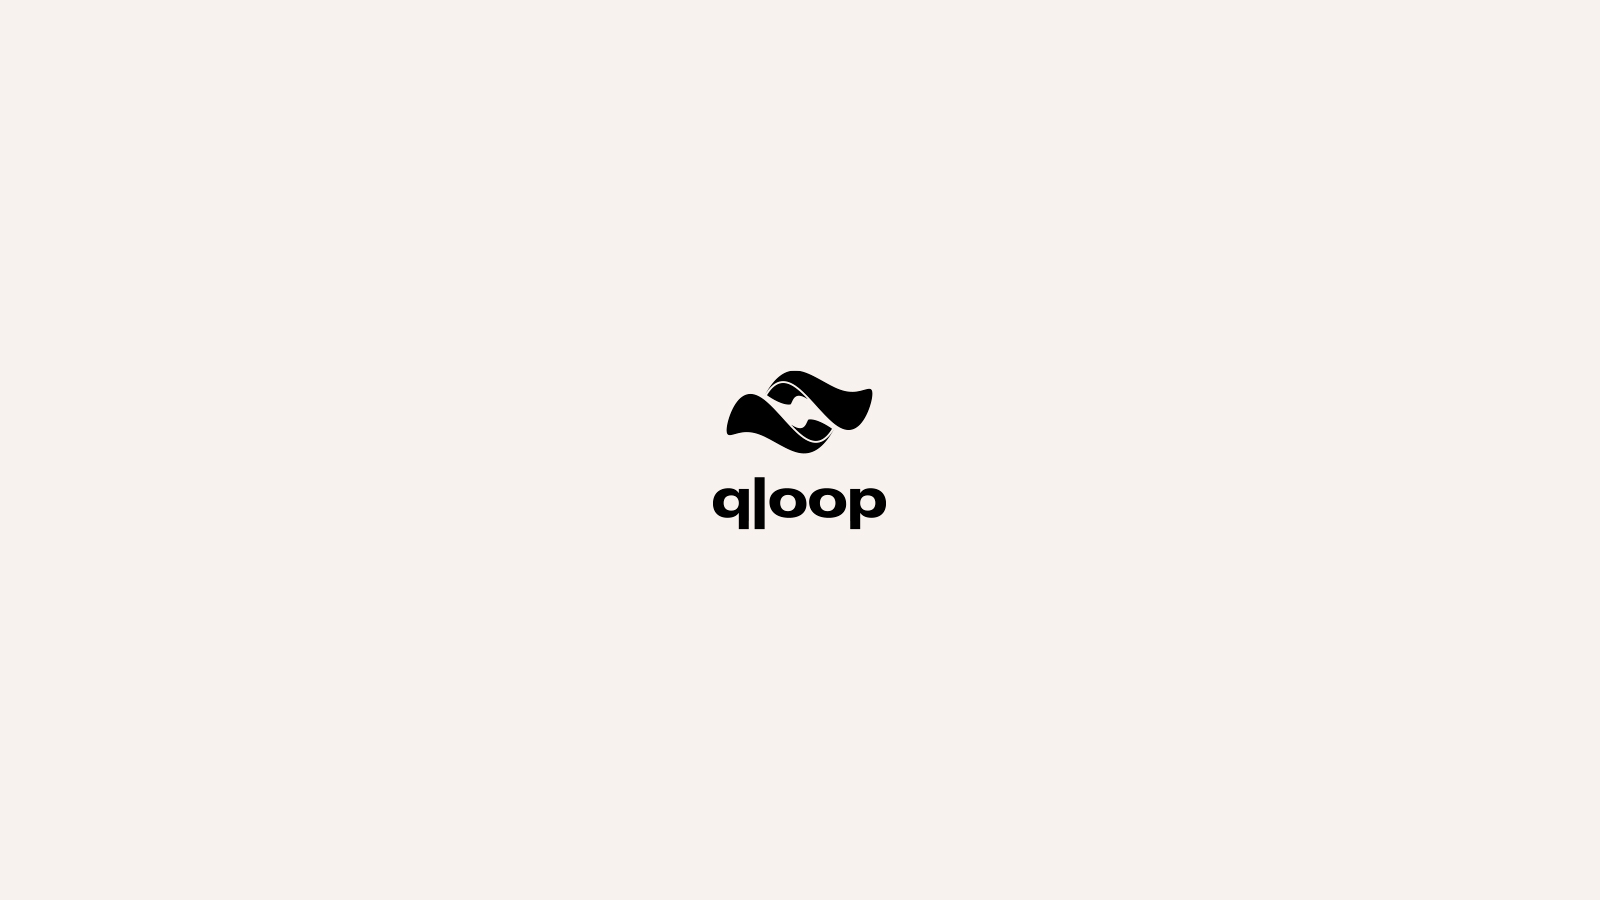 qloop 5.jpg